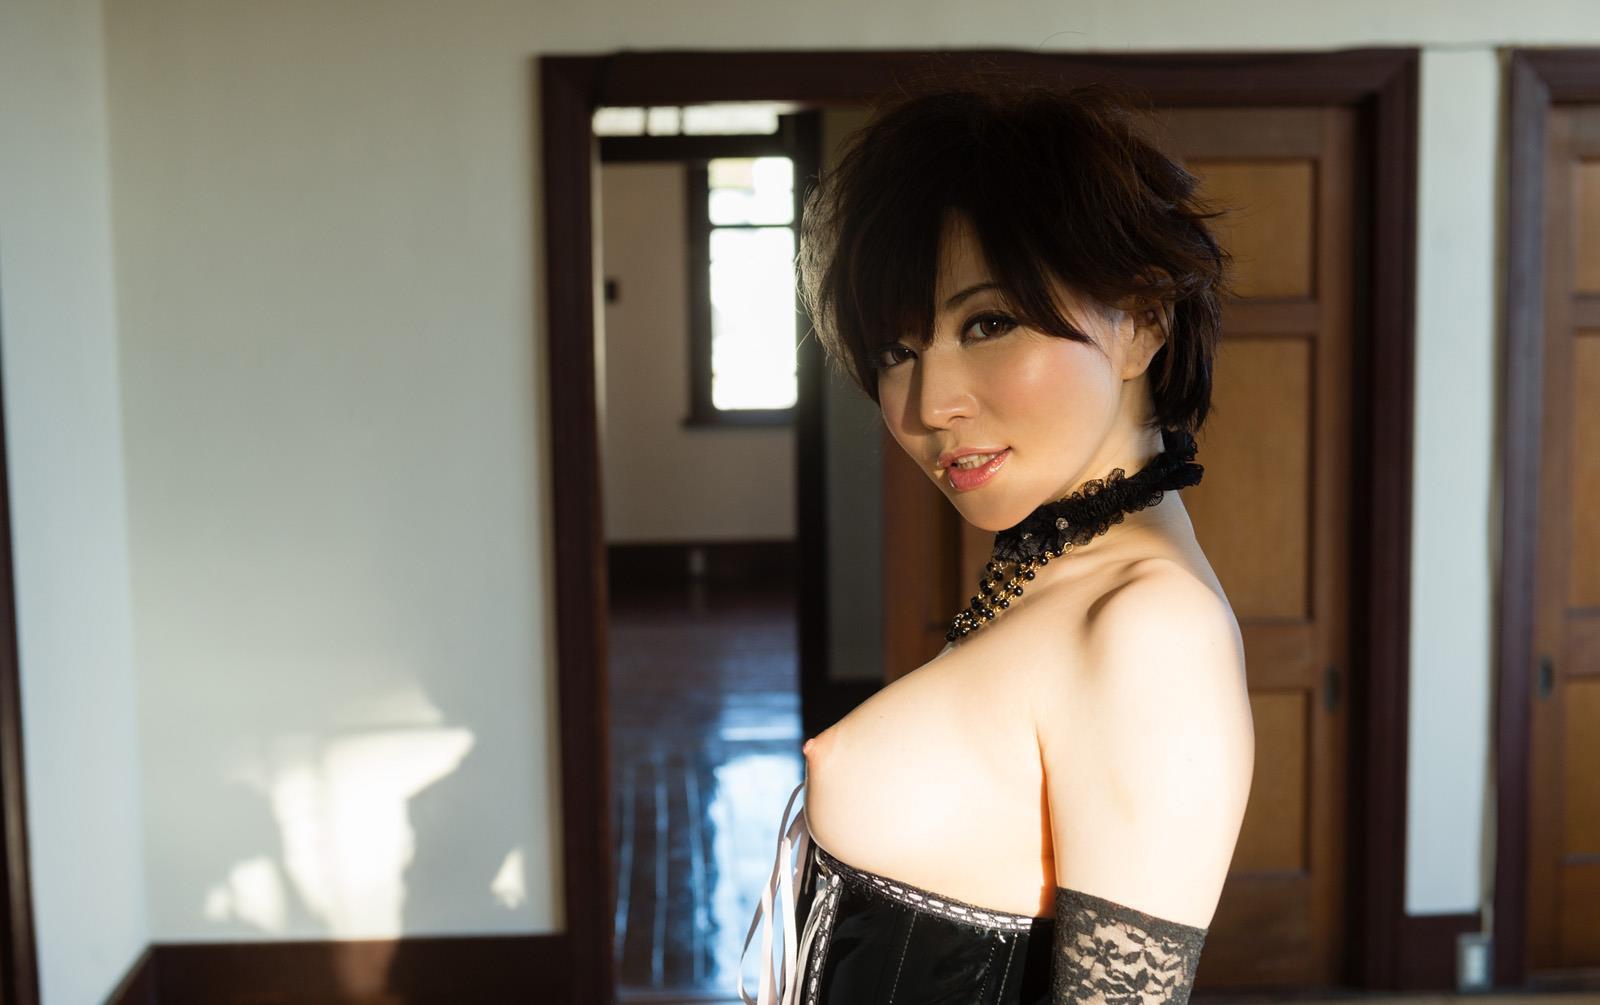 里美ゆりあ(小泉彩) 画像 107